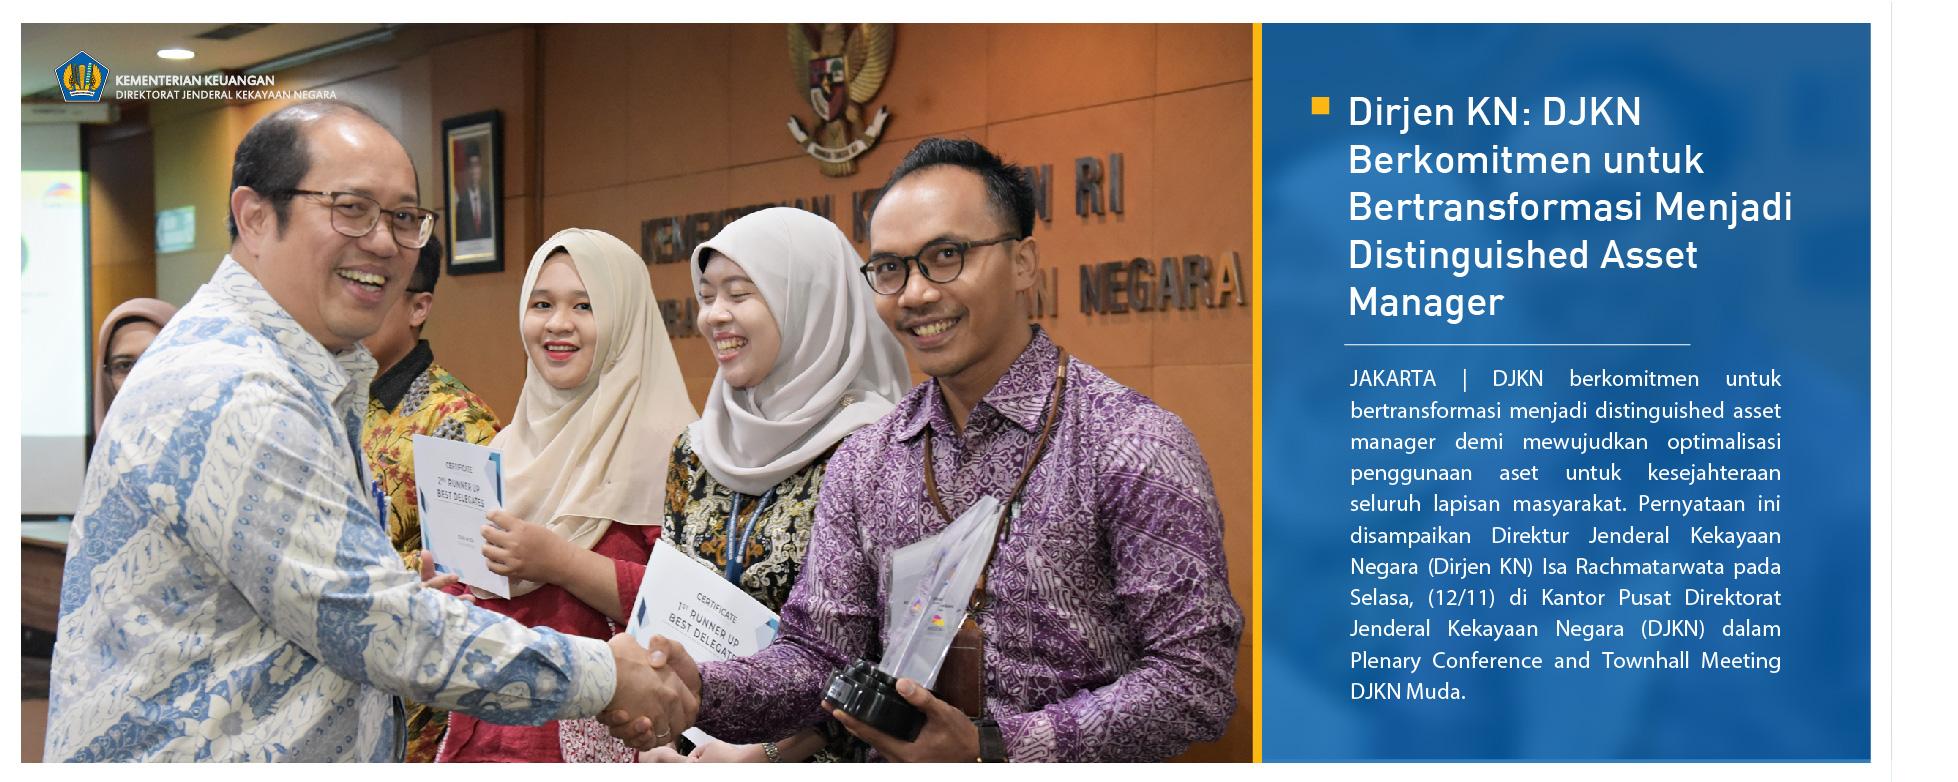 Dirjen KN: DJKN Berkomitmen untuk Bertransformasi Menjadi Distinguished Asset Manager